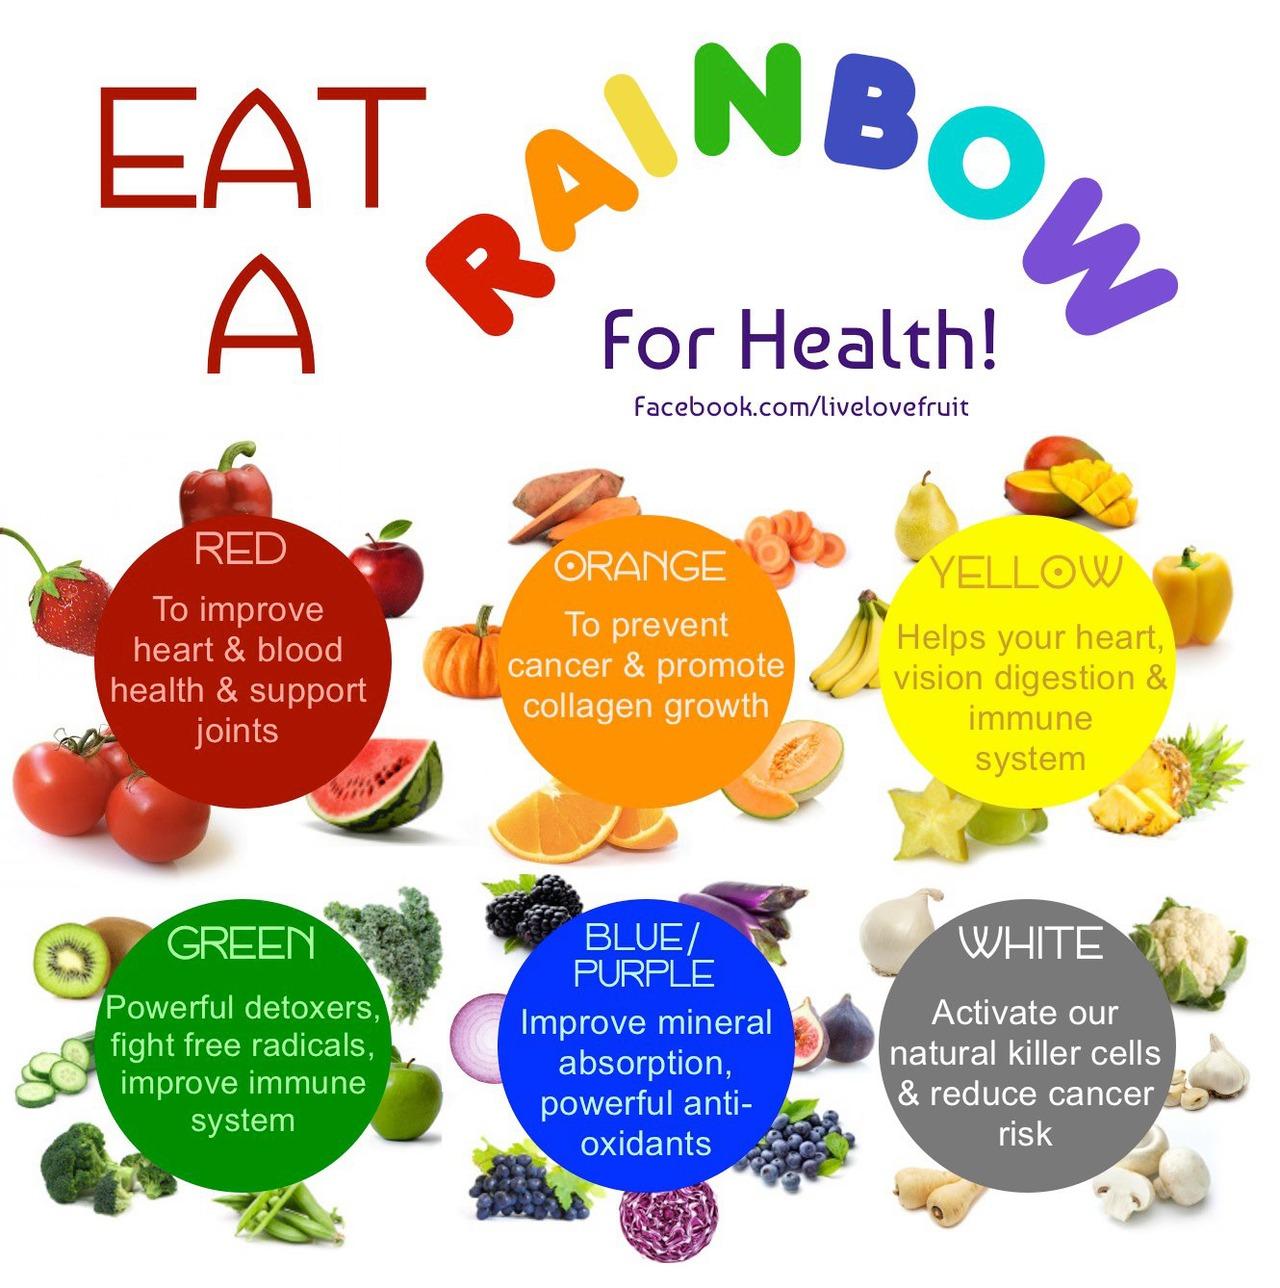 RainbowofFood